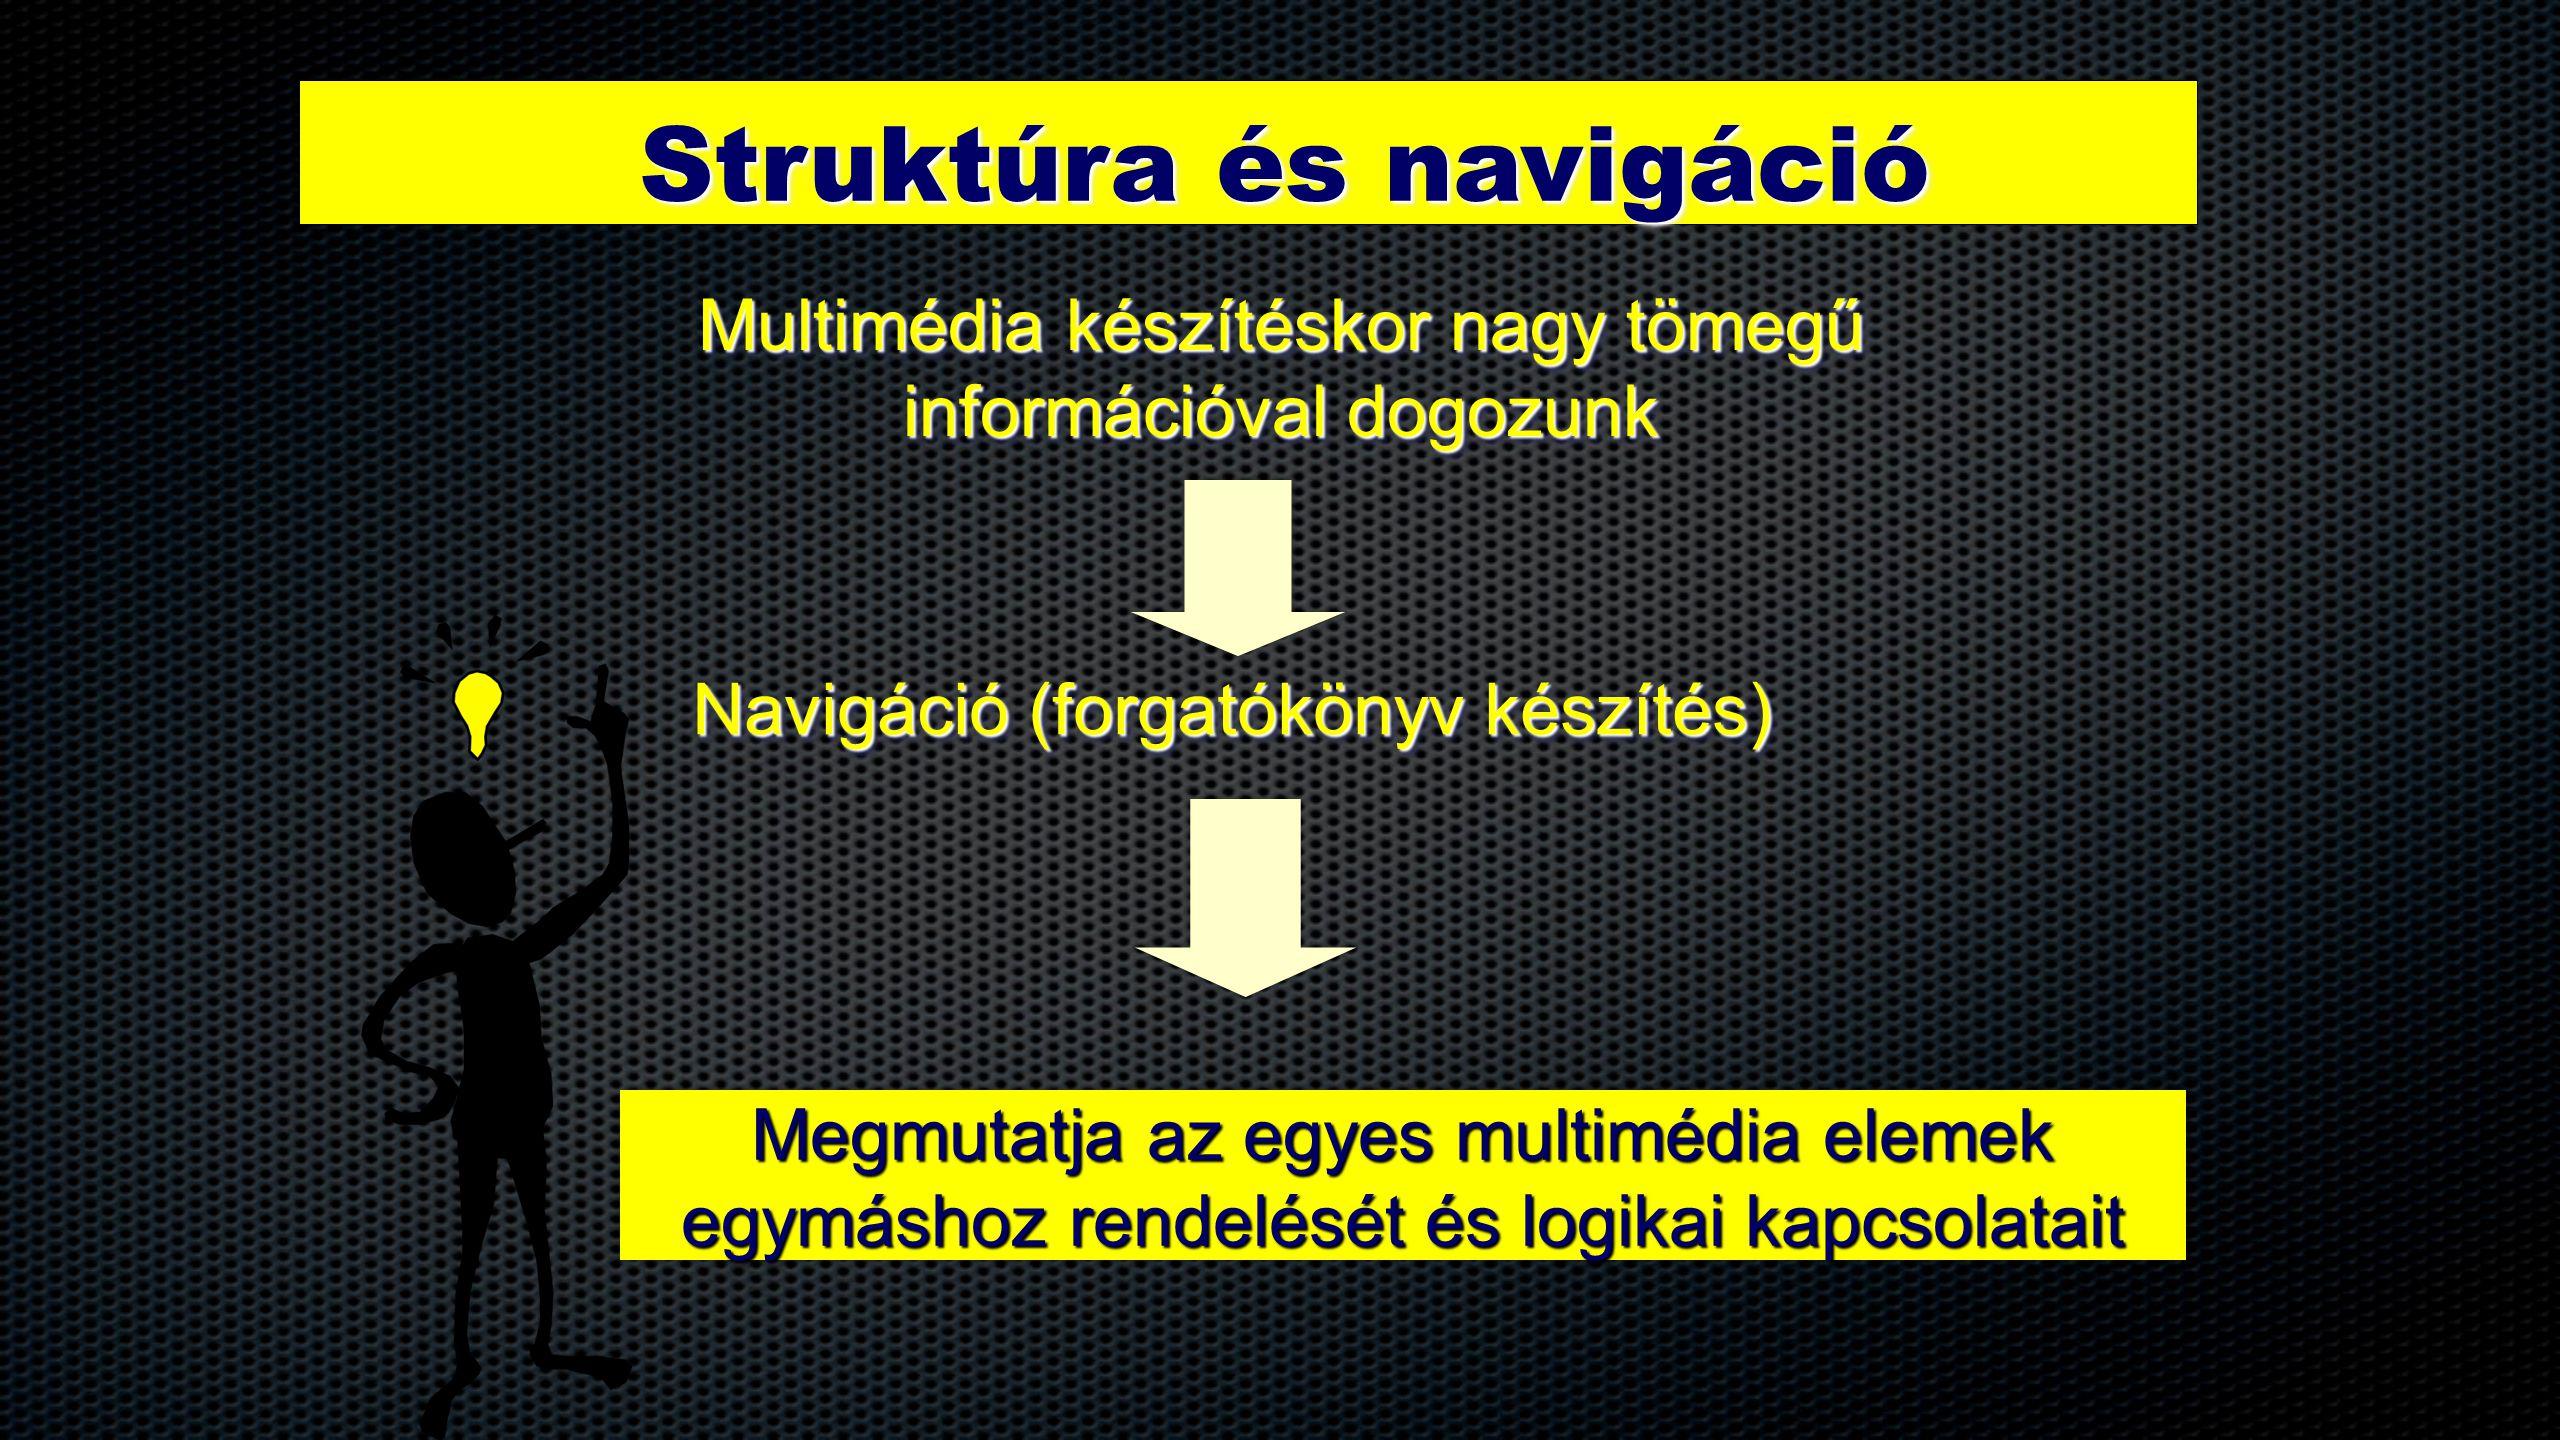 Struktúra és navigáció